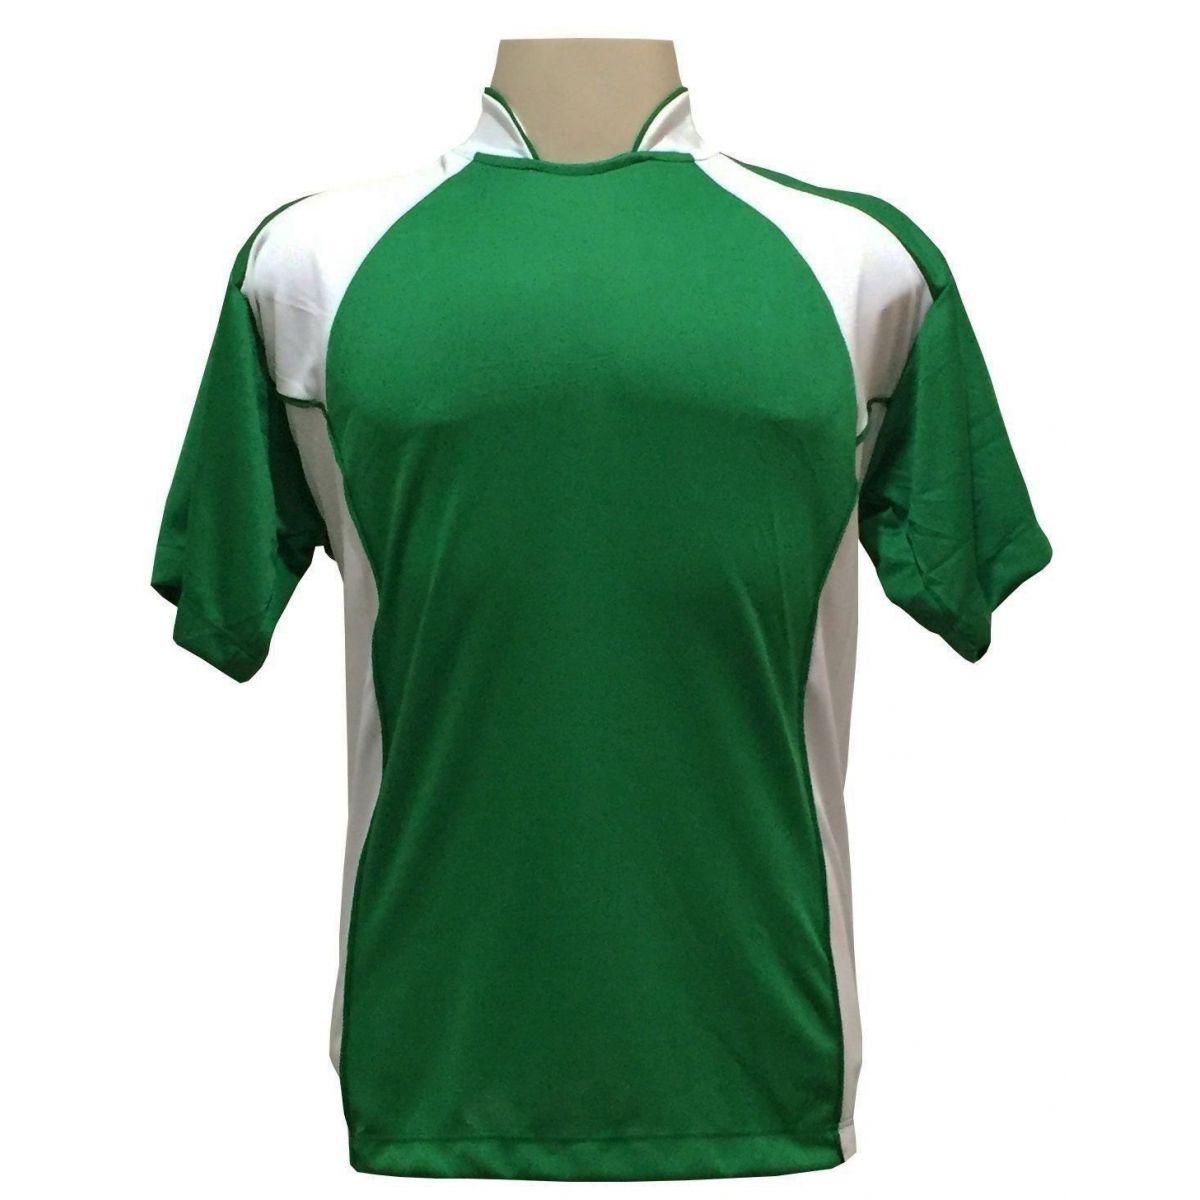 Uniforme Esportivo com 14 Camisas modelo Suécia Verde/Branco + 14 Calções modelo Madrid Branco